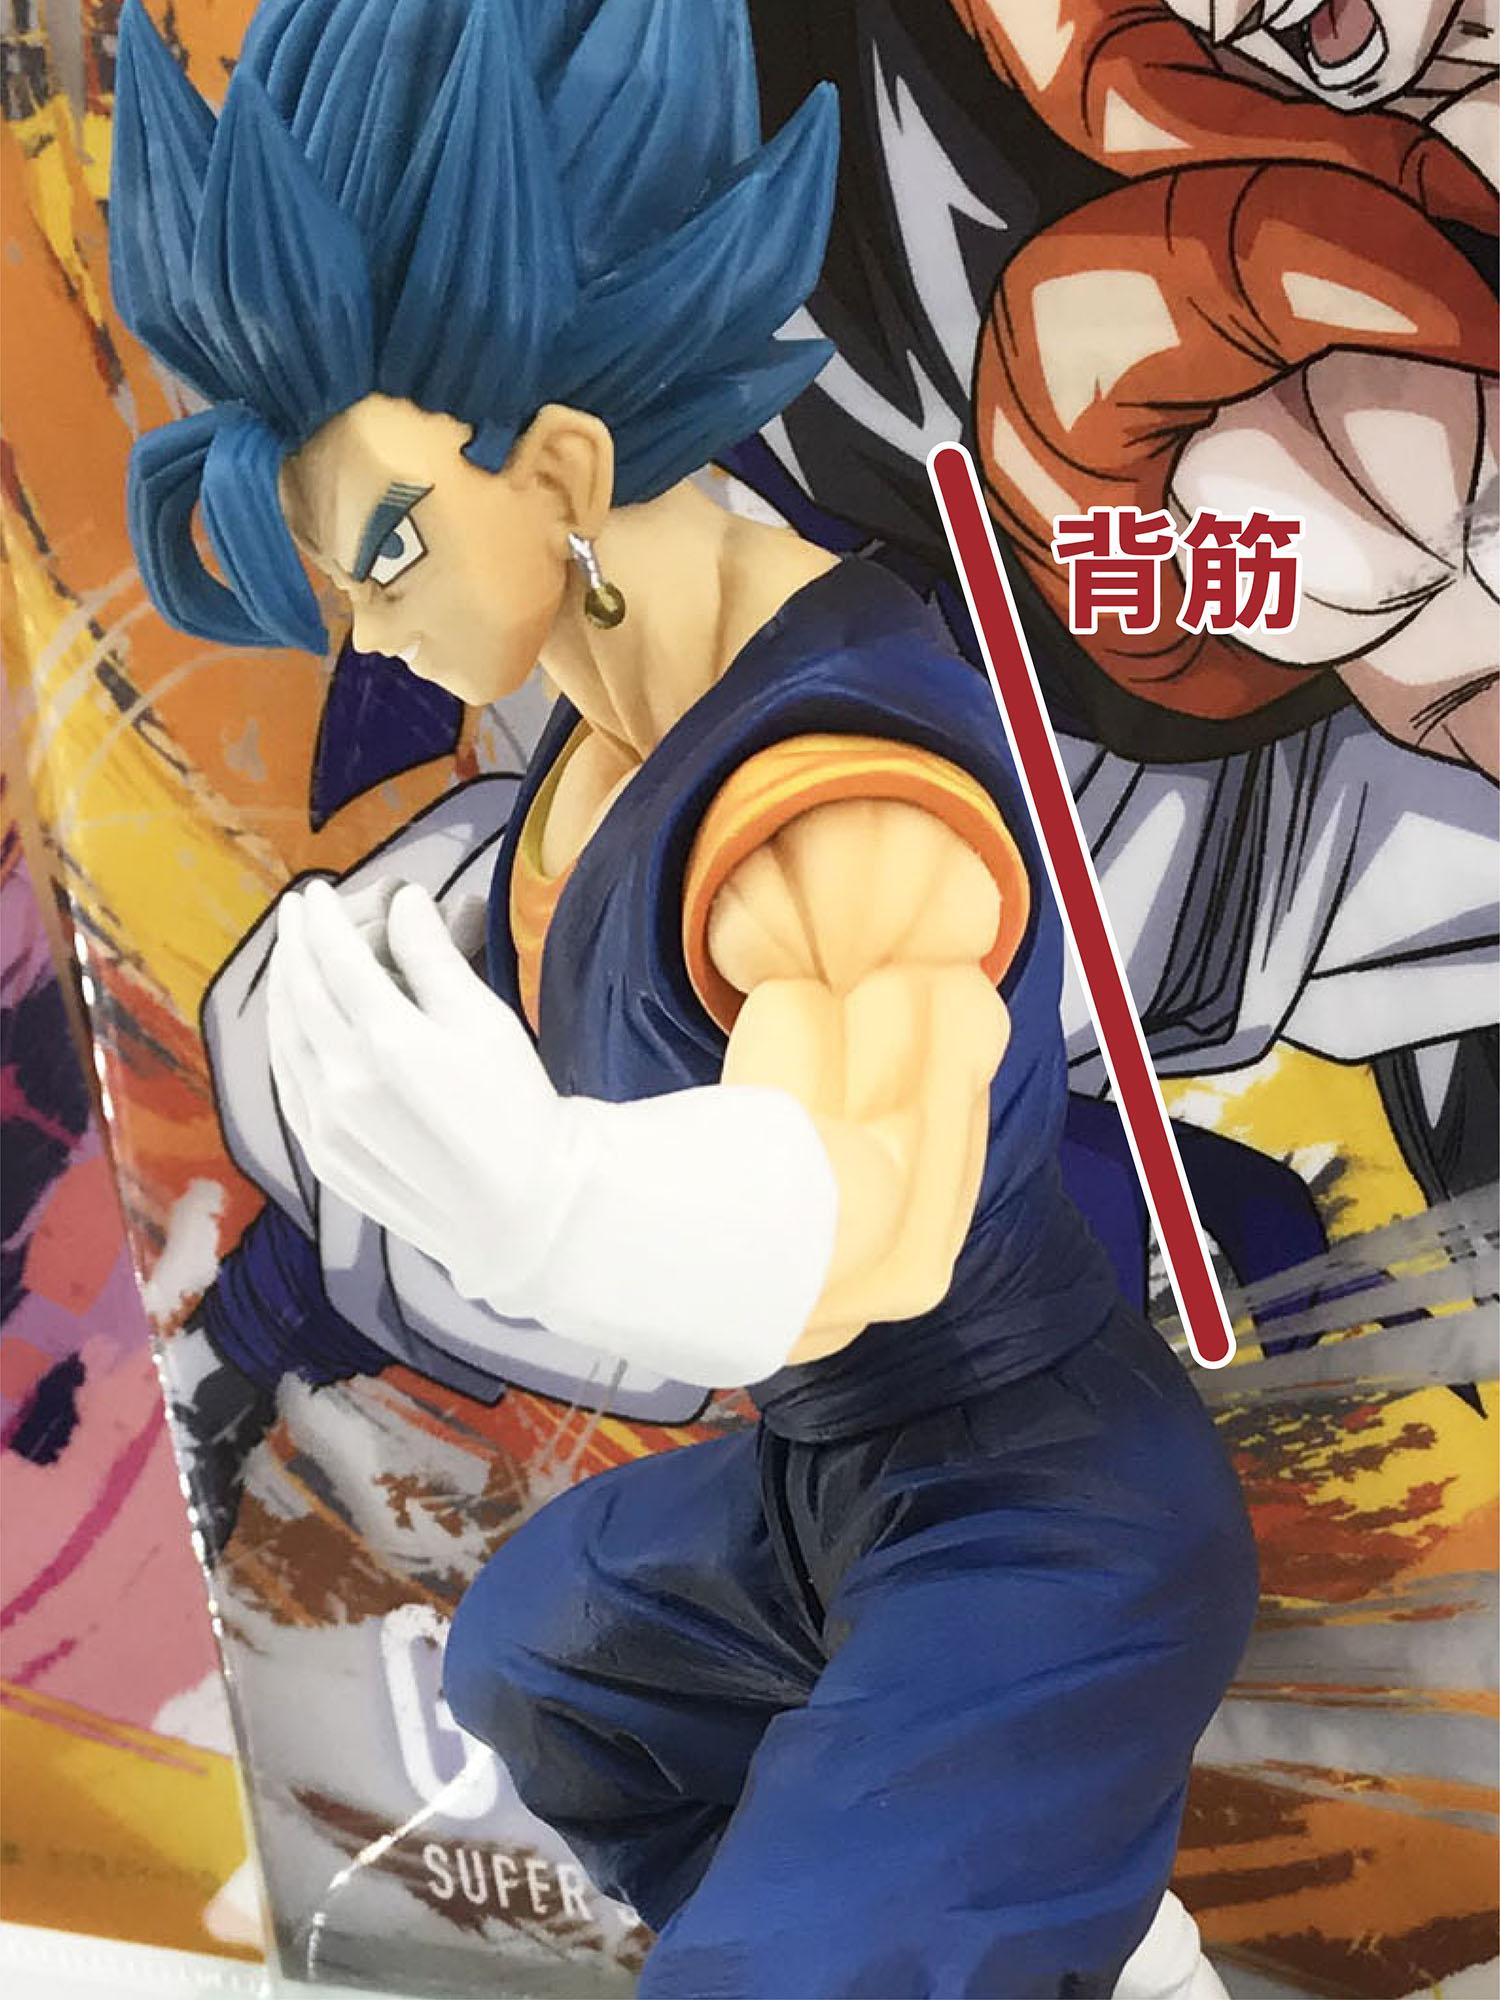 一番くじ ドラゴンボール Awakening warriors with ドラゴンボールZ ドッカンバトルSP賞「SSGSSベジットフィギュア」